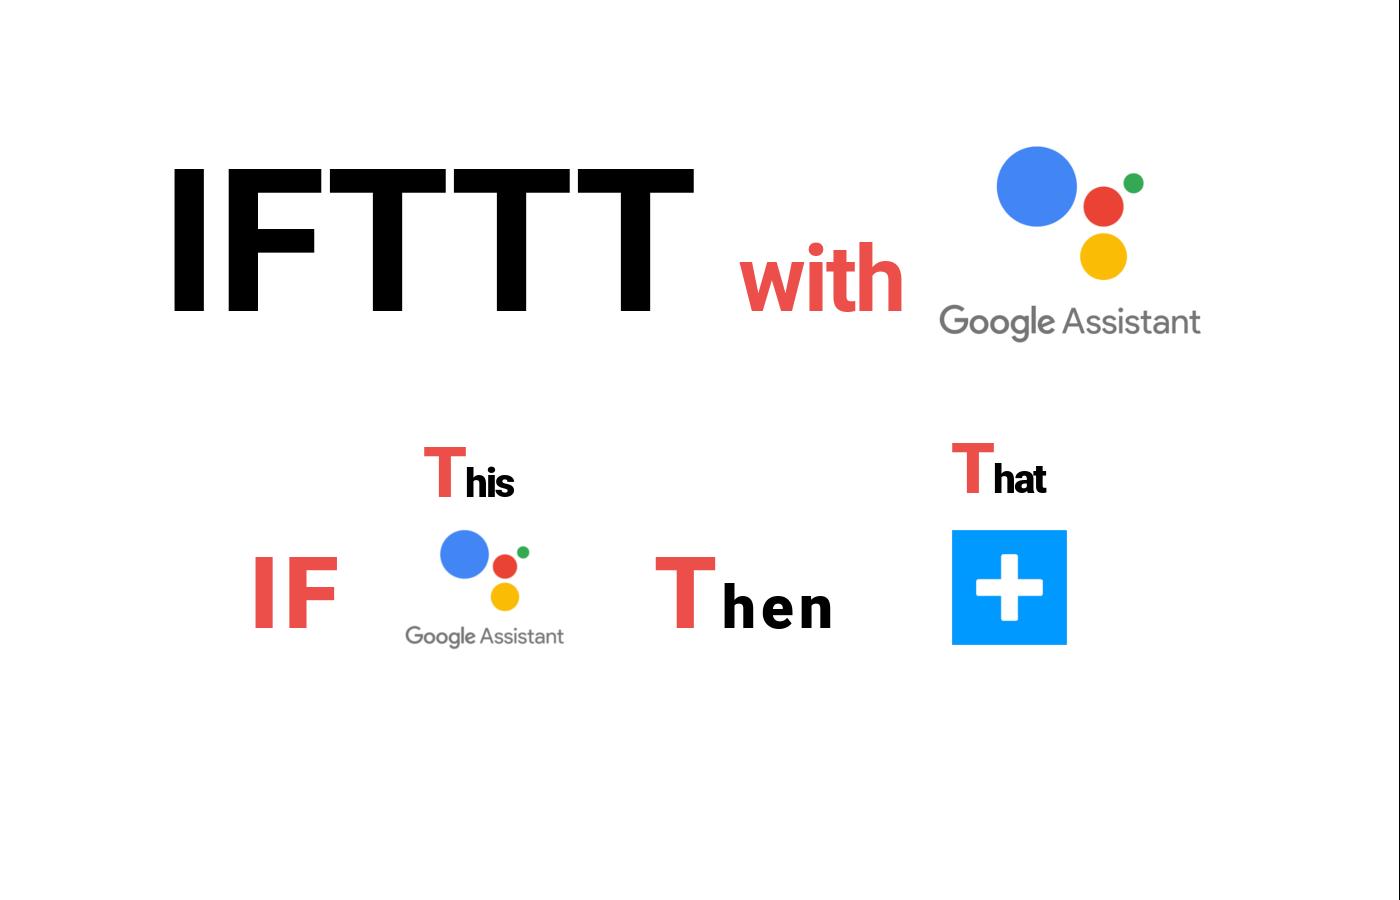 Sử dụng IFTTT với loa thông minh Google mới gặp trục trặc - Gu Công Nghệ